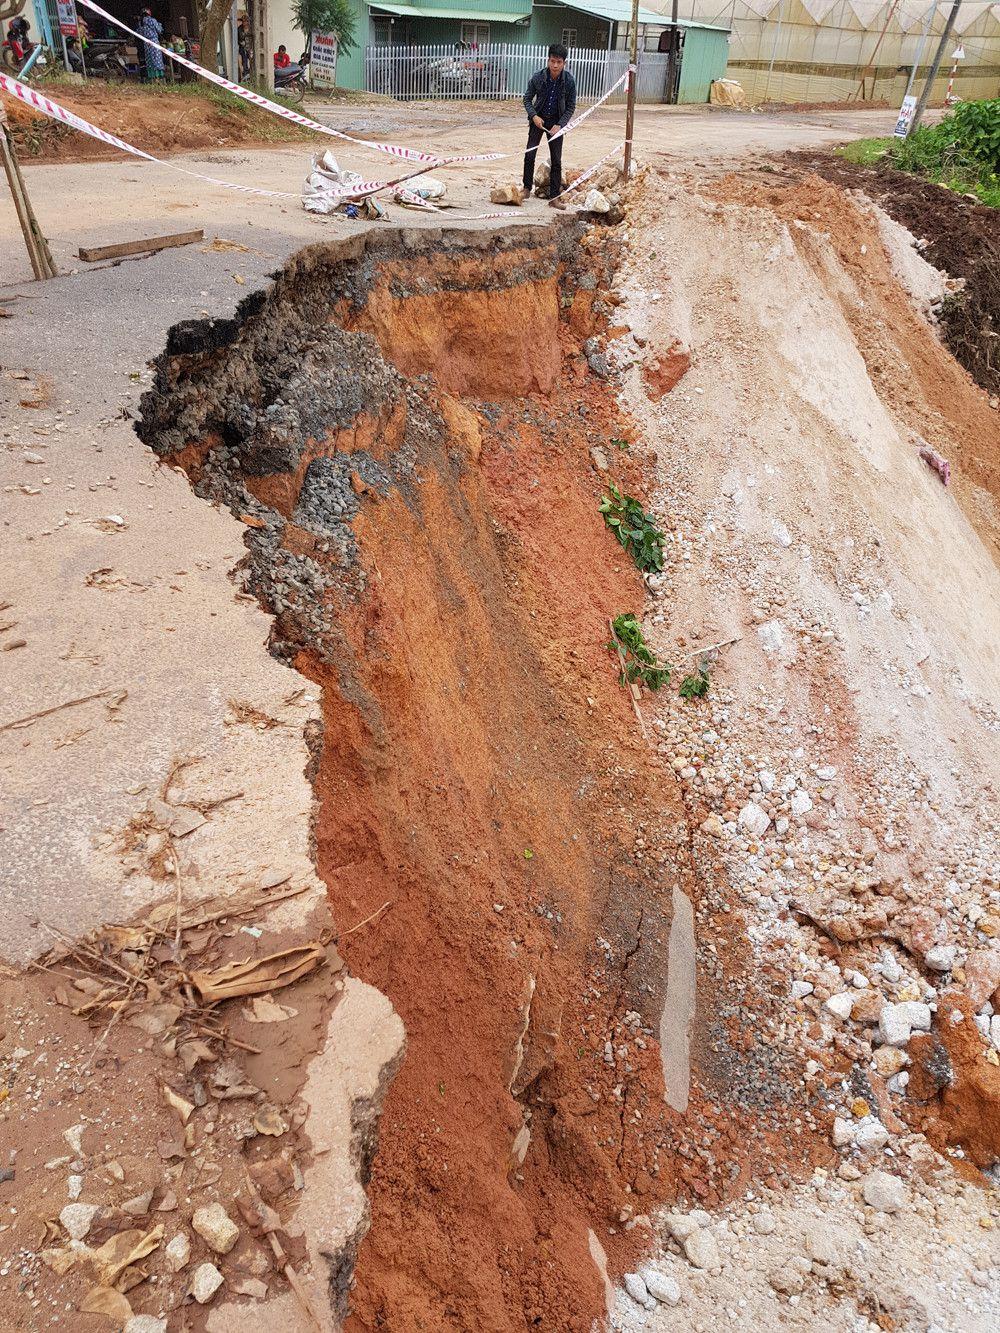 Chi 1,5 tỉ đồng khắc phục đường Cam Ly bị sạt lở Ảnh 3